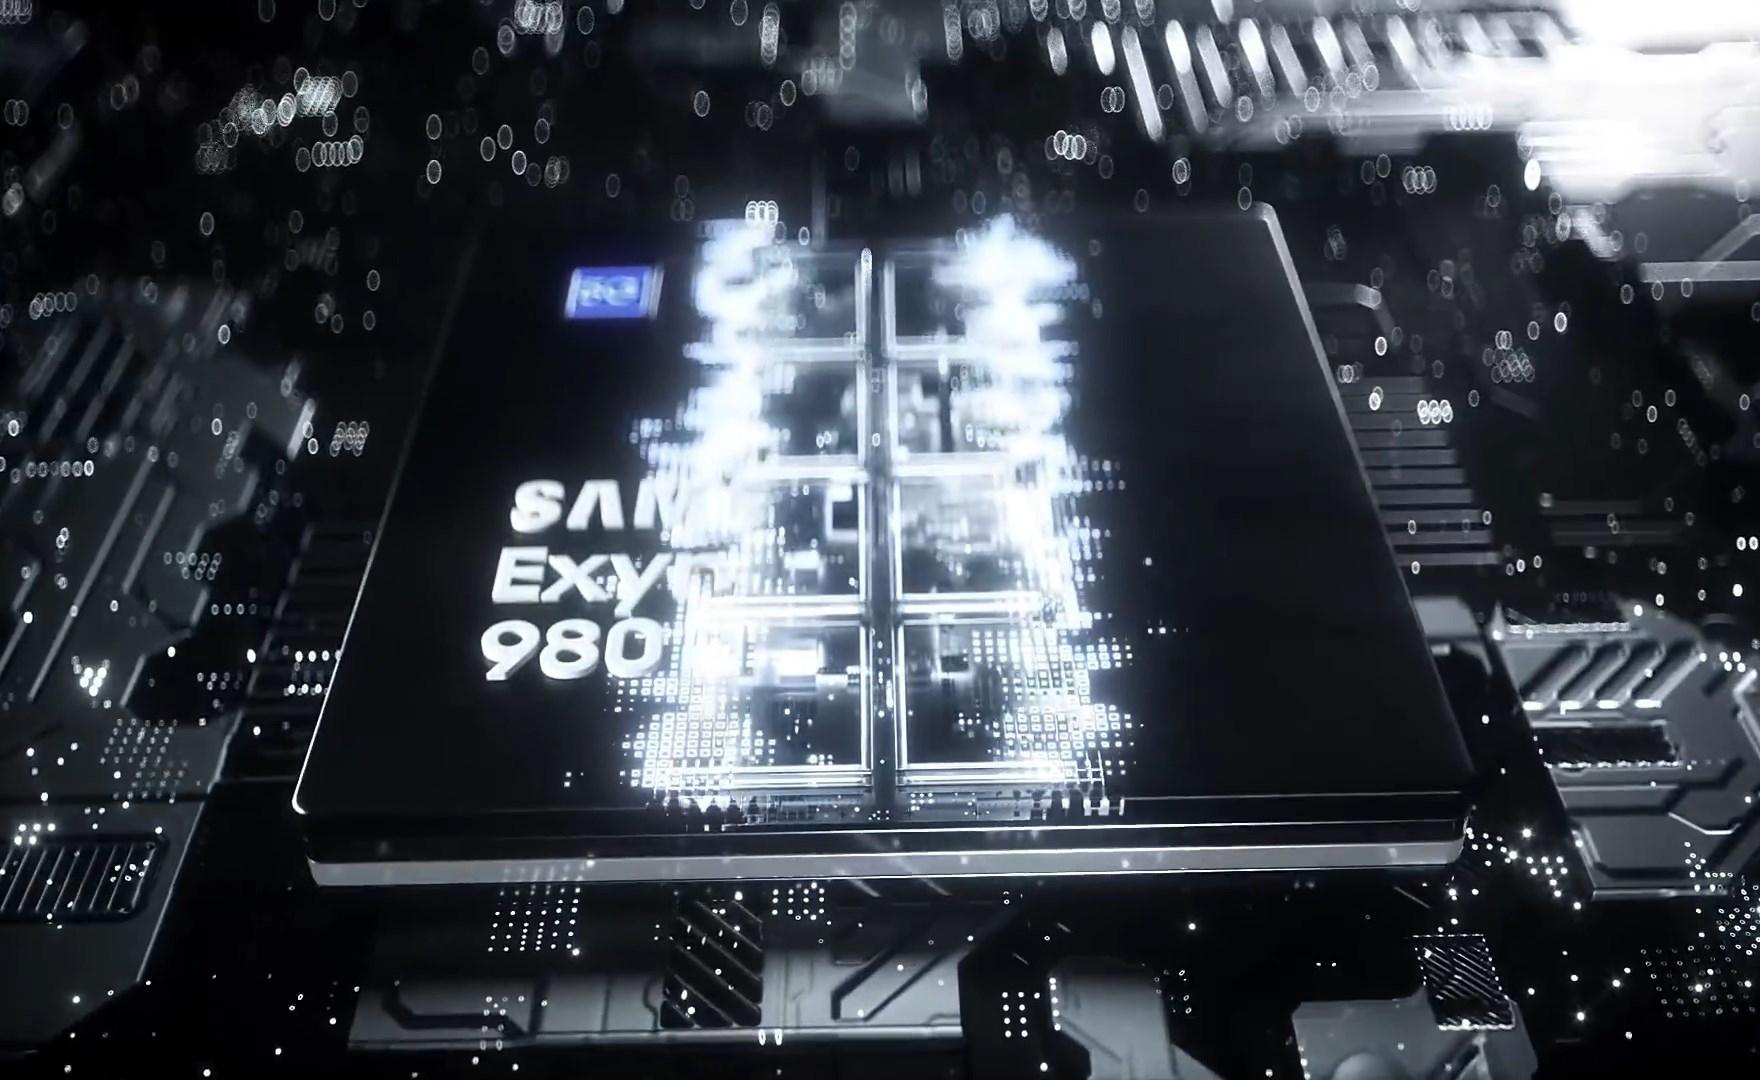 Exynos 980, ecco il primo chip smartphone di Samsung con modem 5G integrato